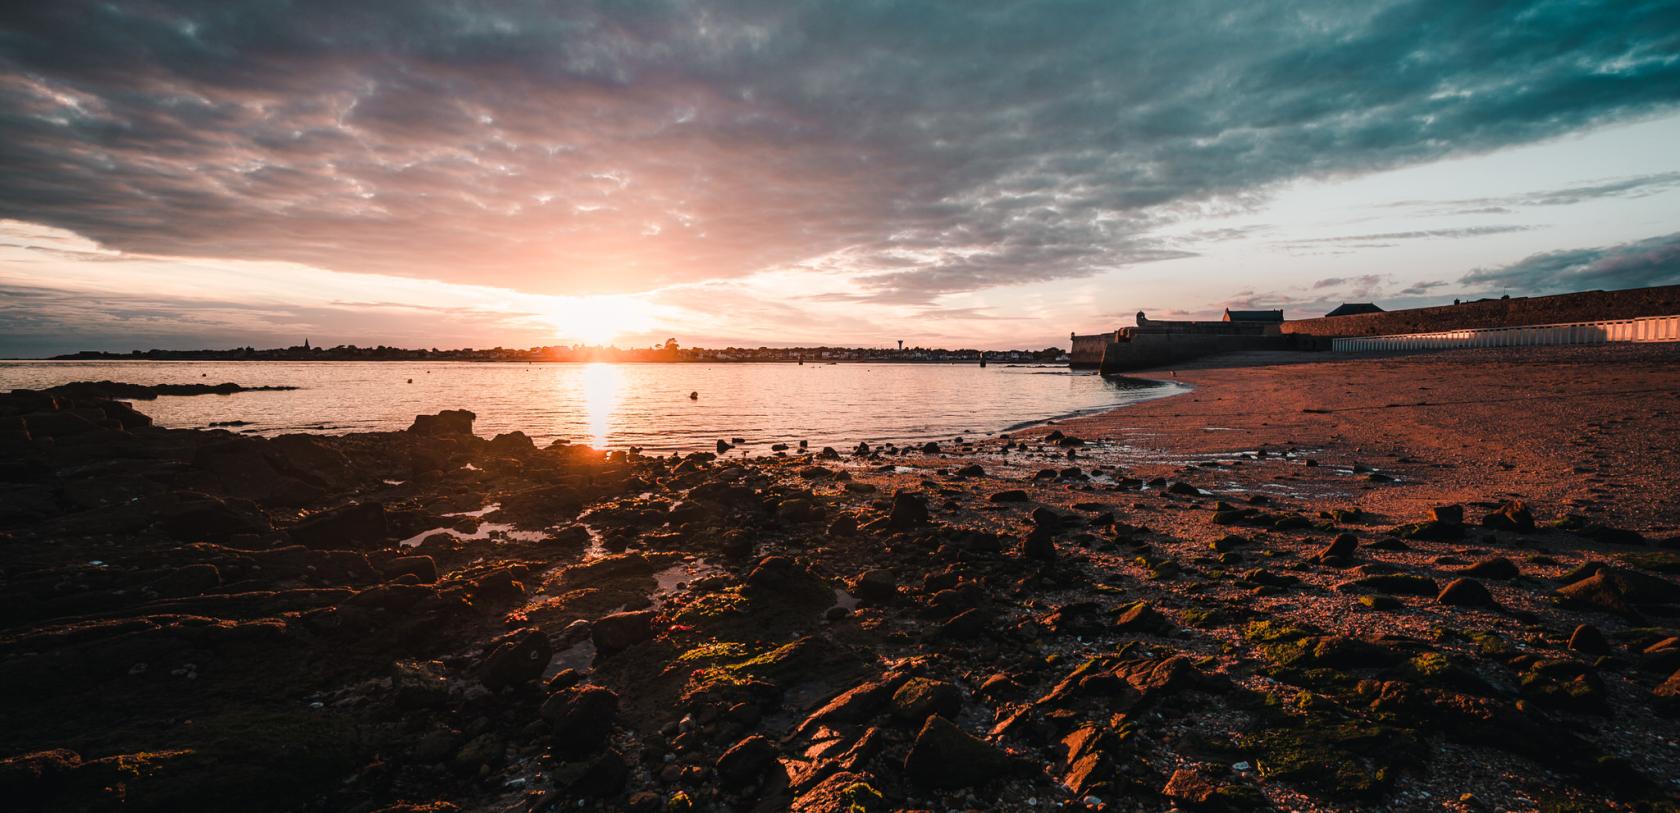 coucher de soleil sur la plage des Pâtis à Port-Louis